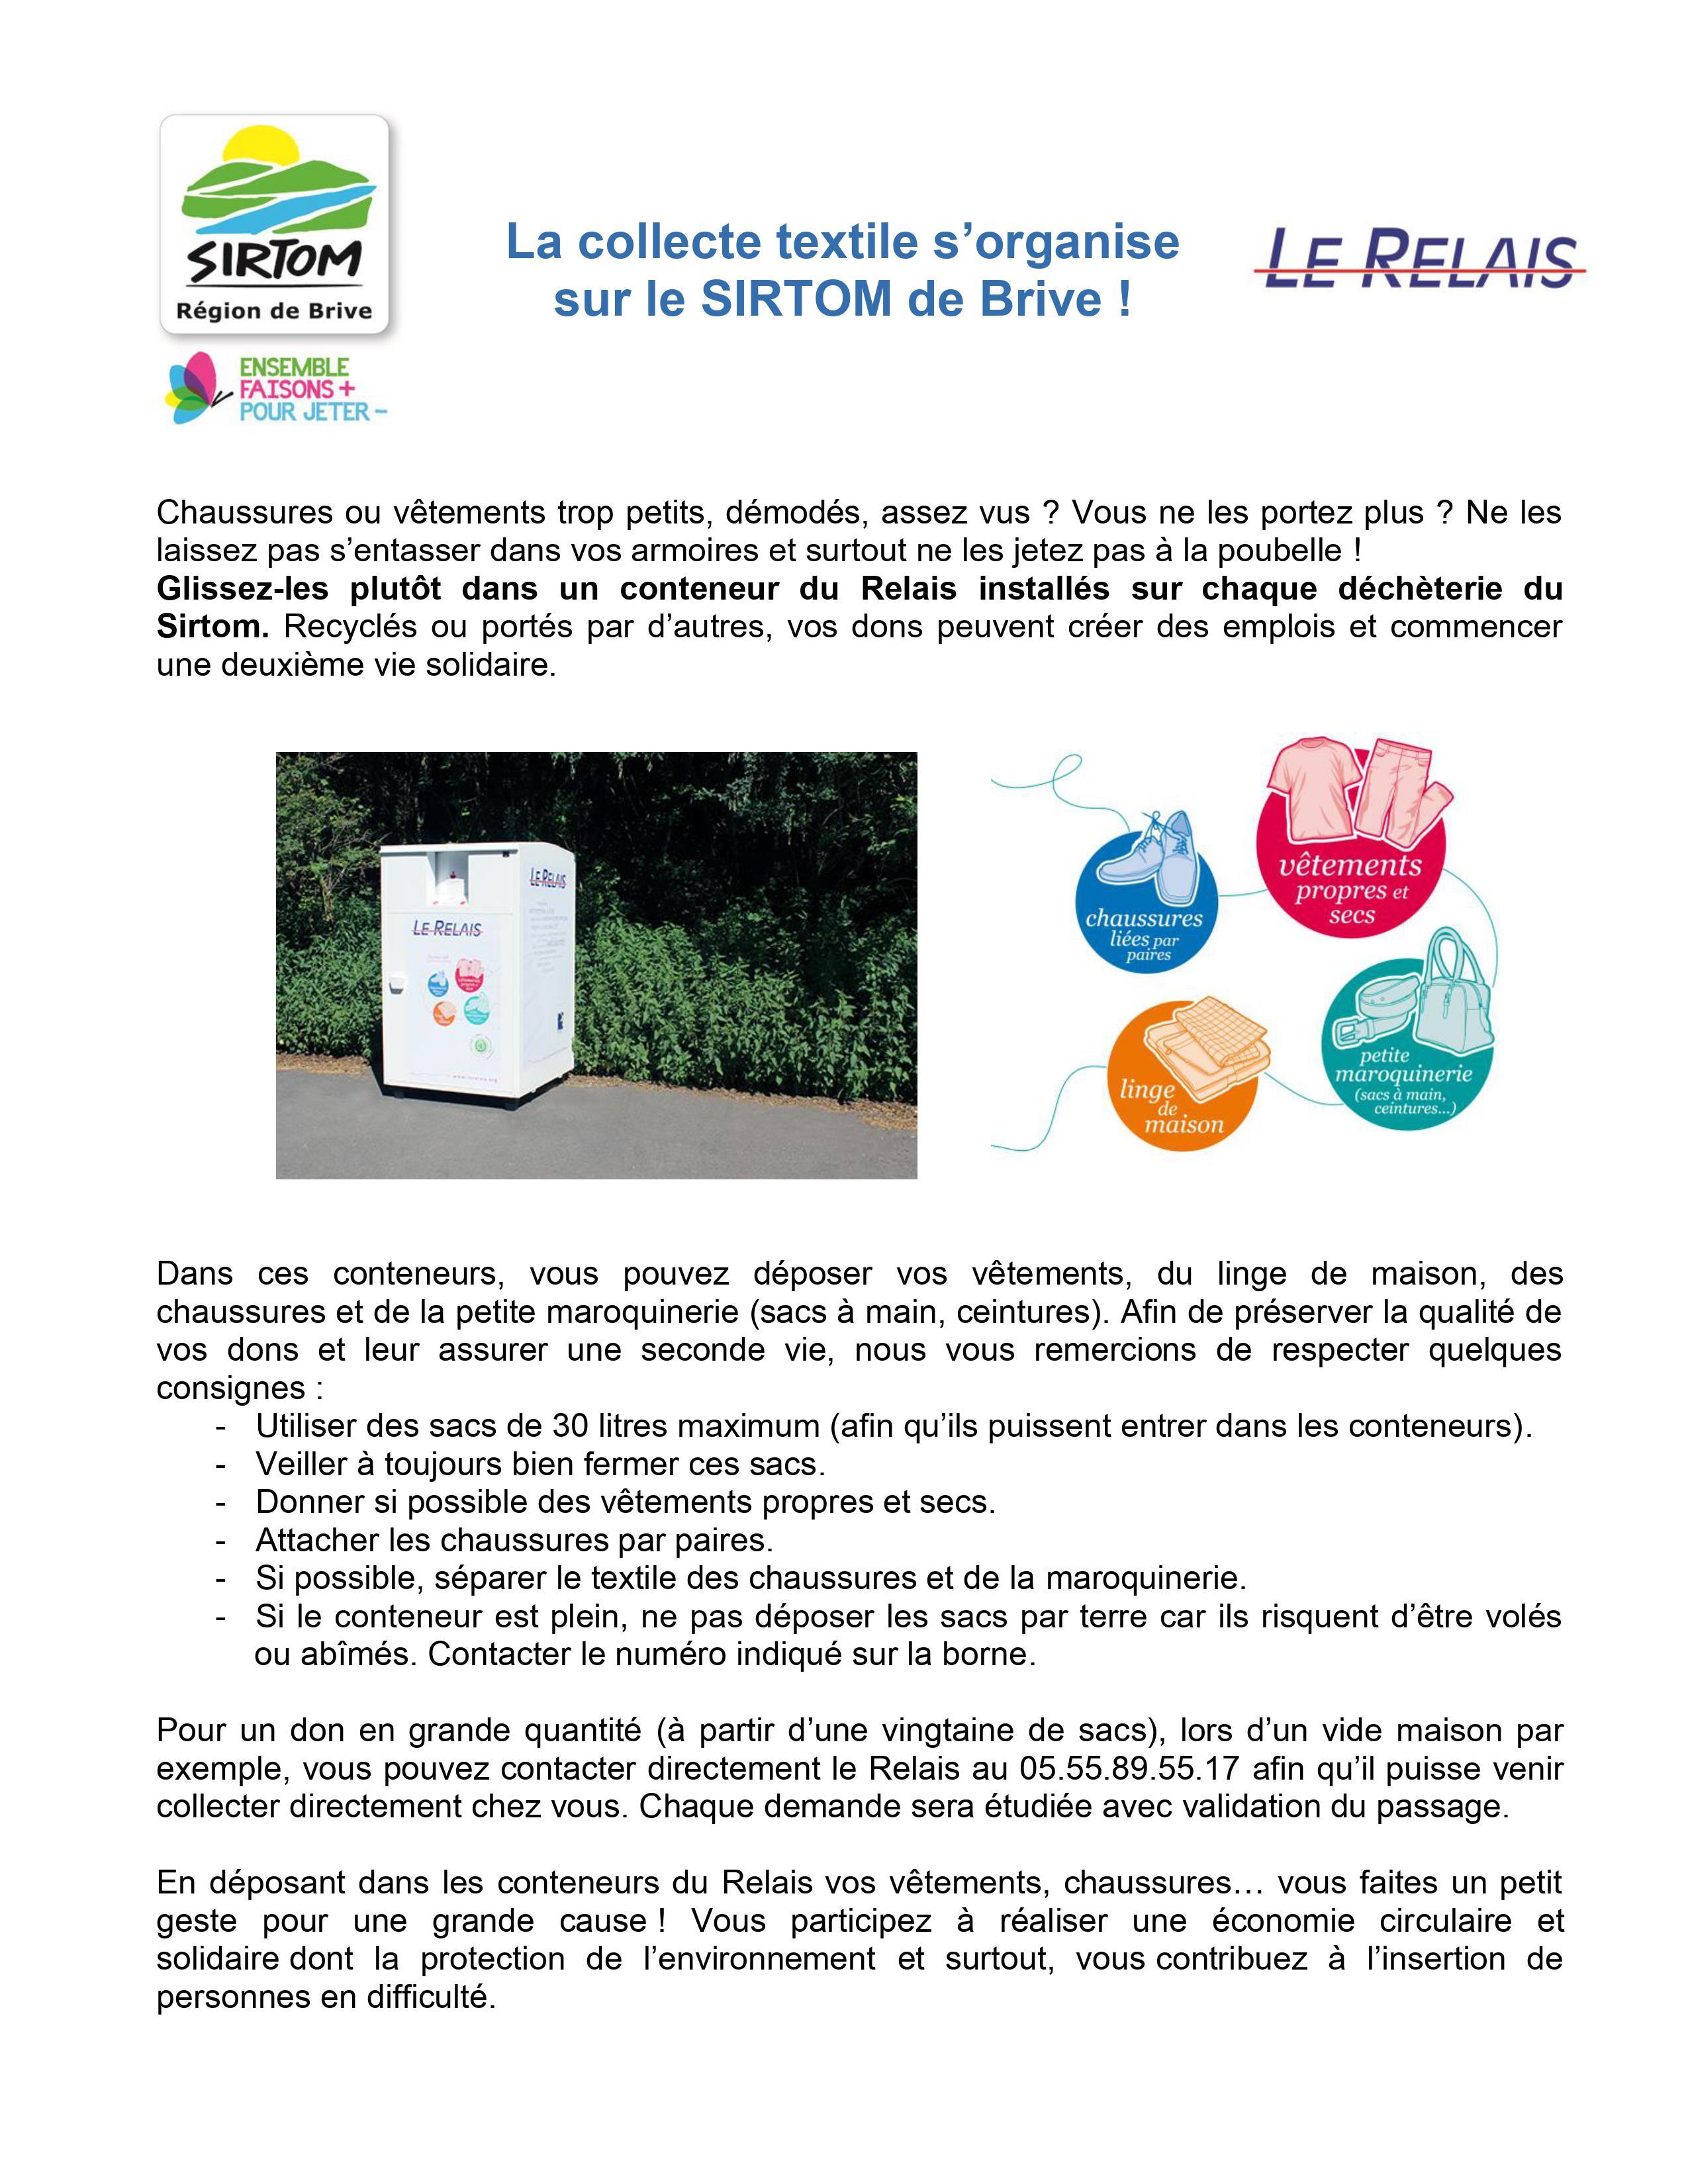 La collecte des textiles s'organise avec le SIRTOM de Brive